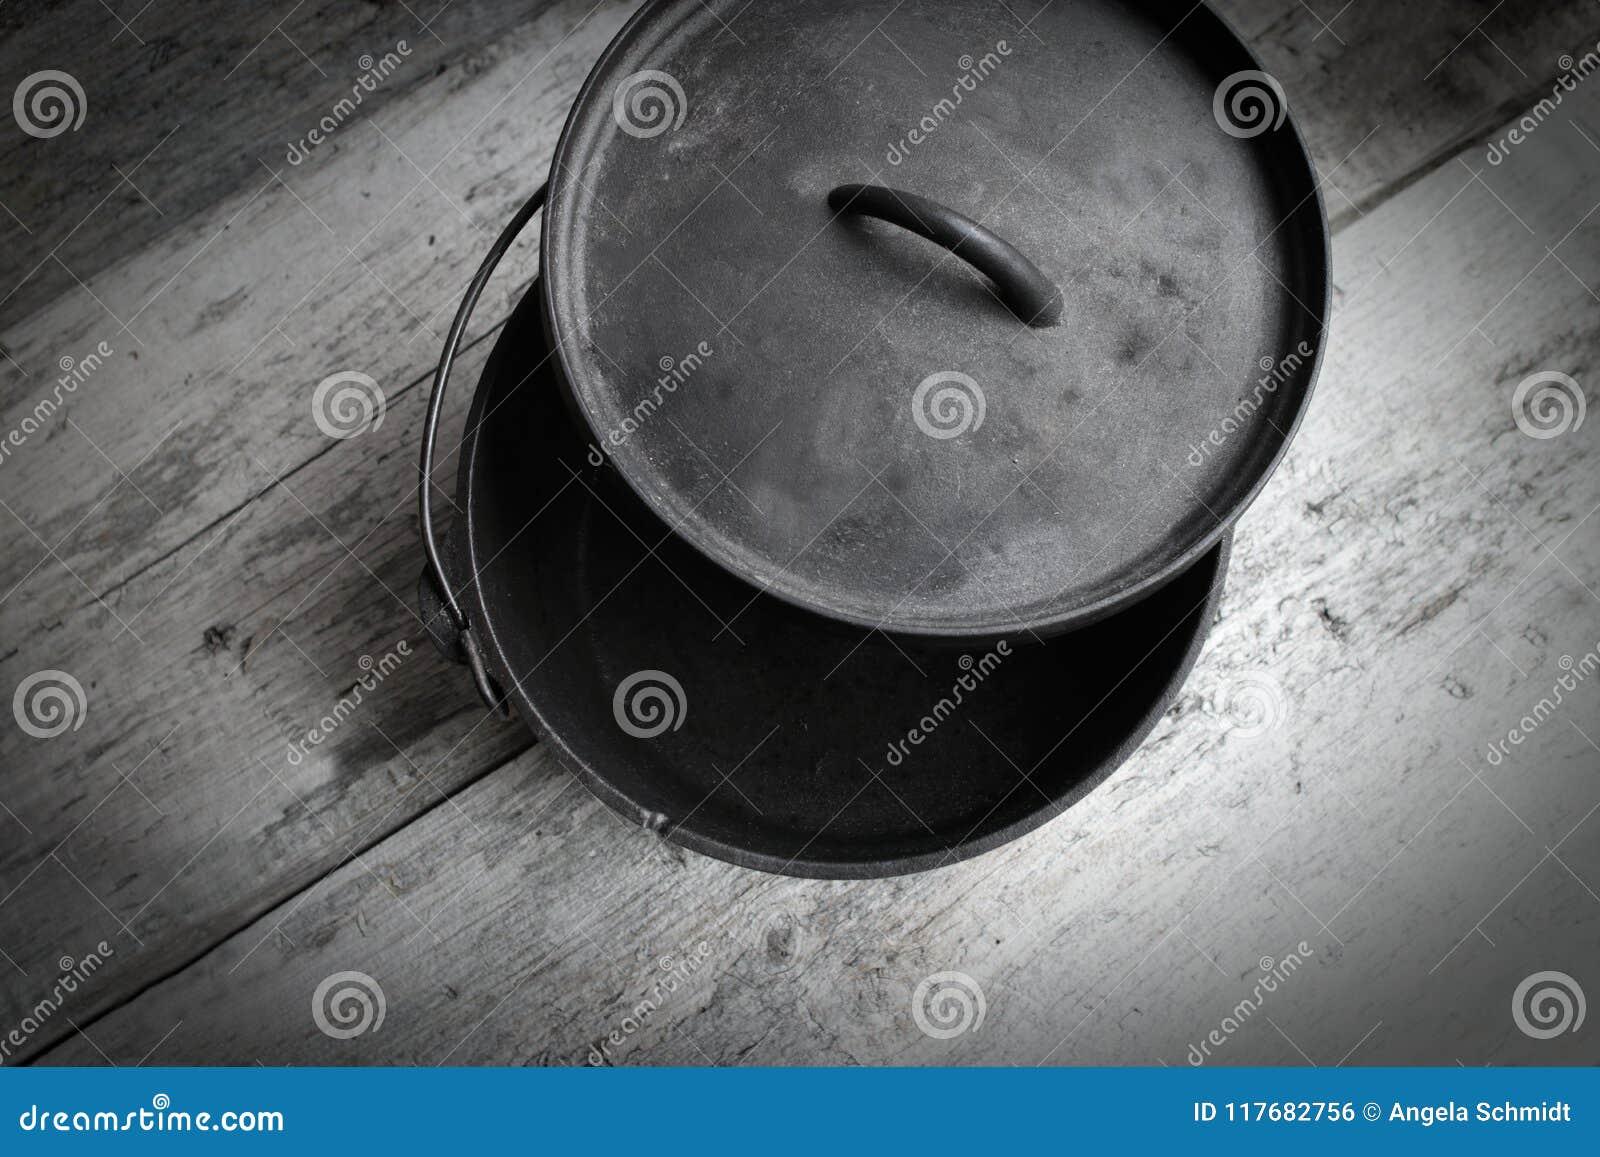 Ολλανδικός φούρνος χυτοσιδήρου κατά το ήμισυ ανοικτός στο ξύλινο υπόβαθρο